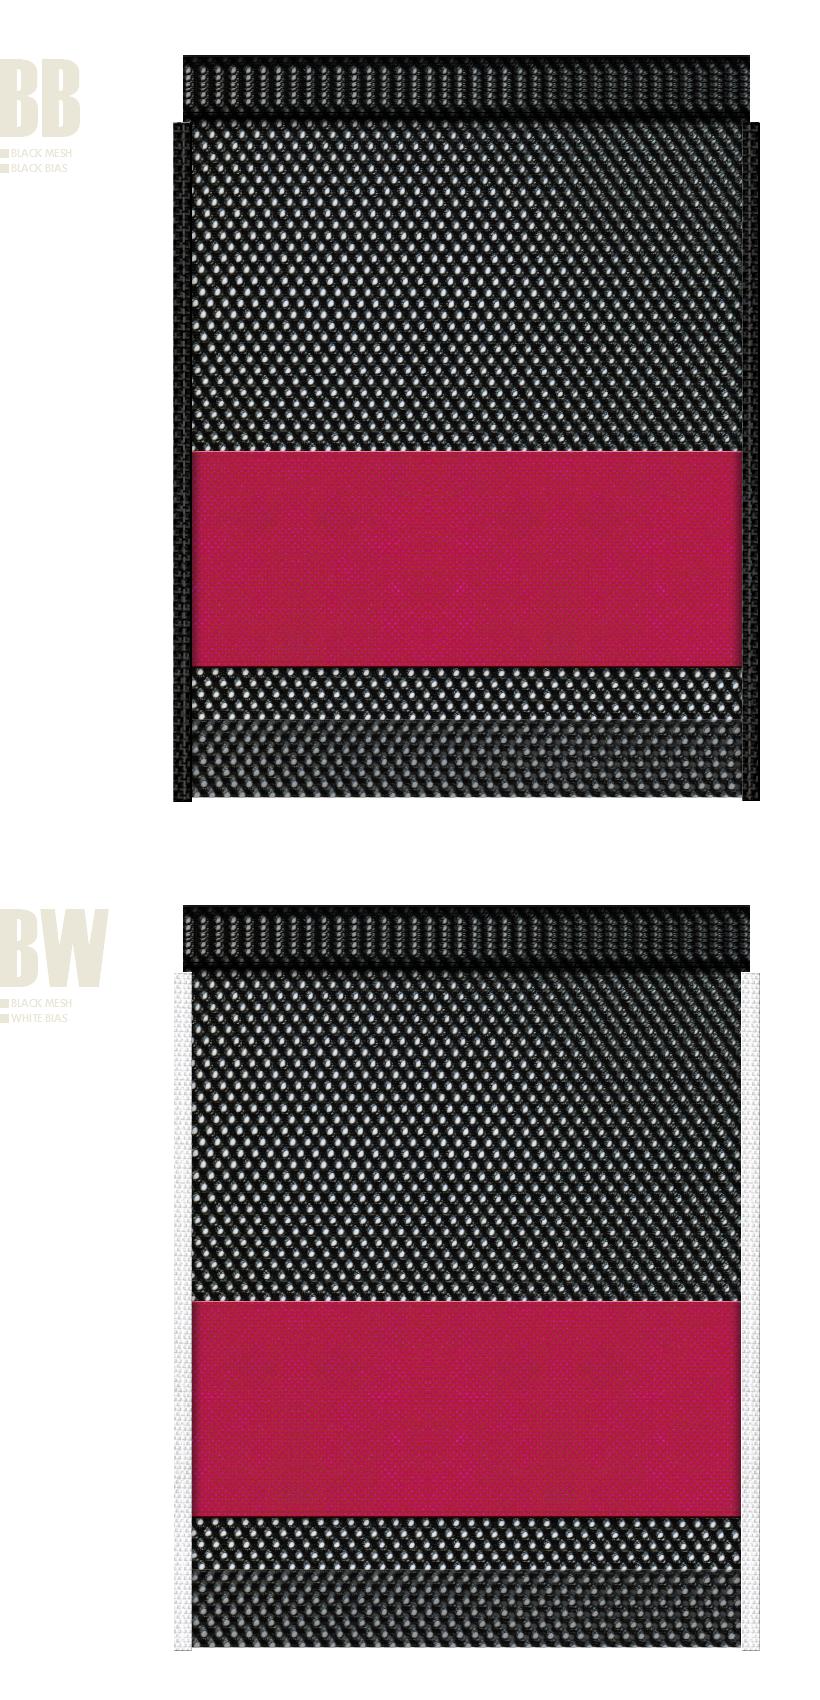 黒色メッシュと濃ピンク色不織布のメッシュバッグカラーシミュレーション:キャンプ用品・アウトドア用品・スポーツ用品・シューズバッグにお奨め